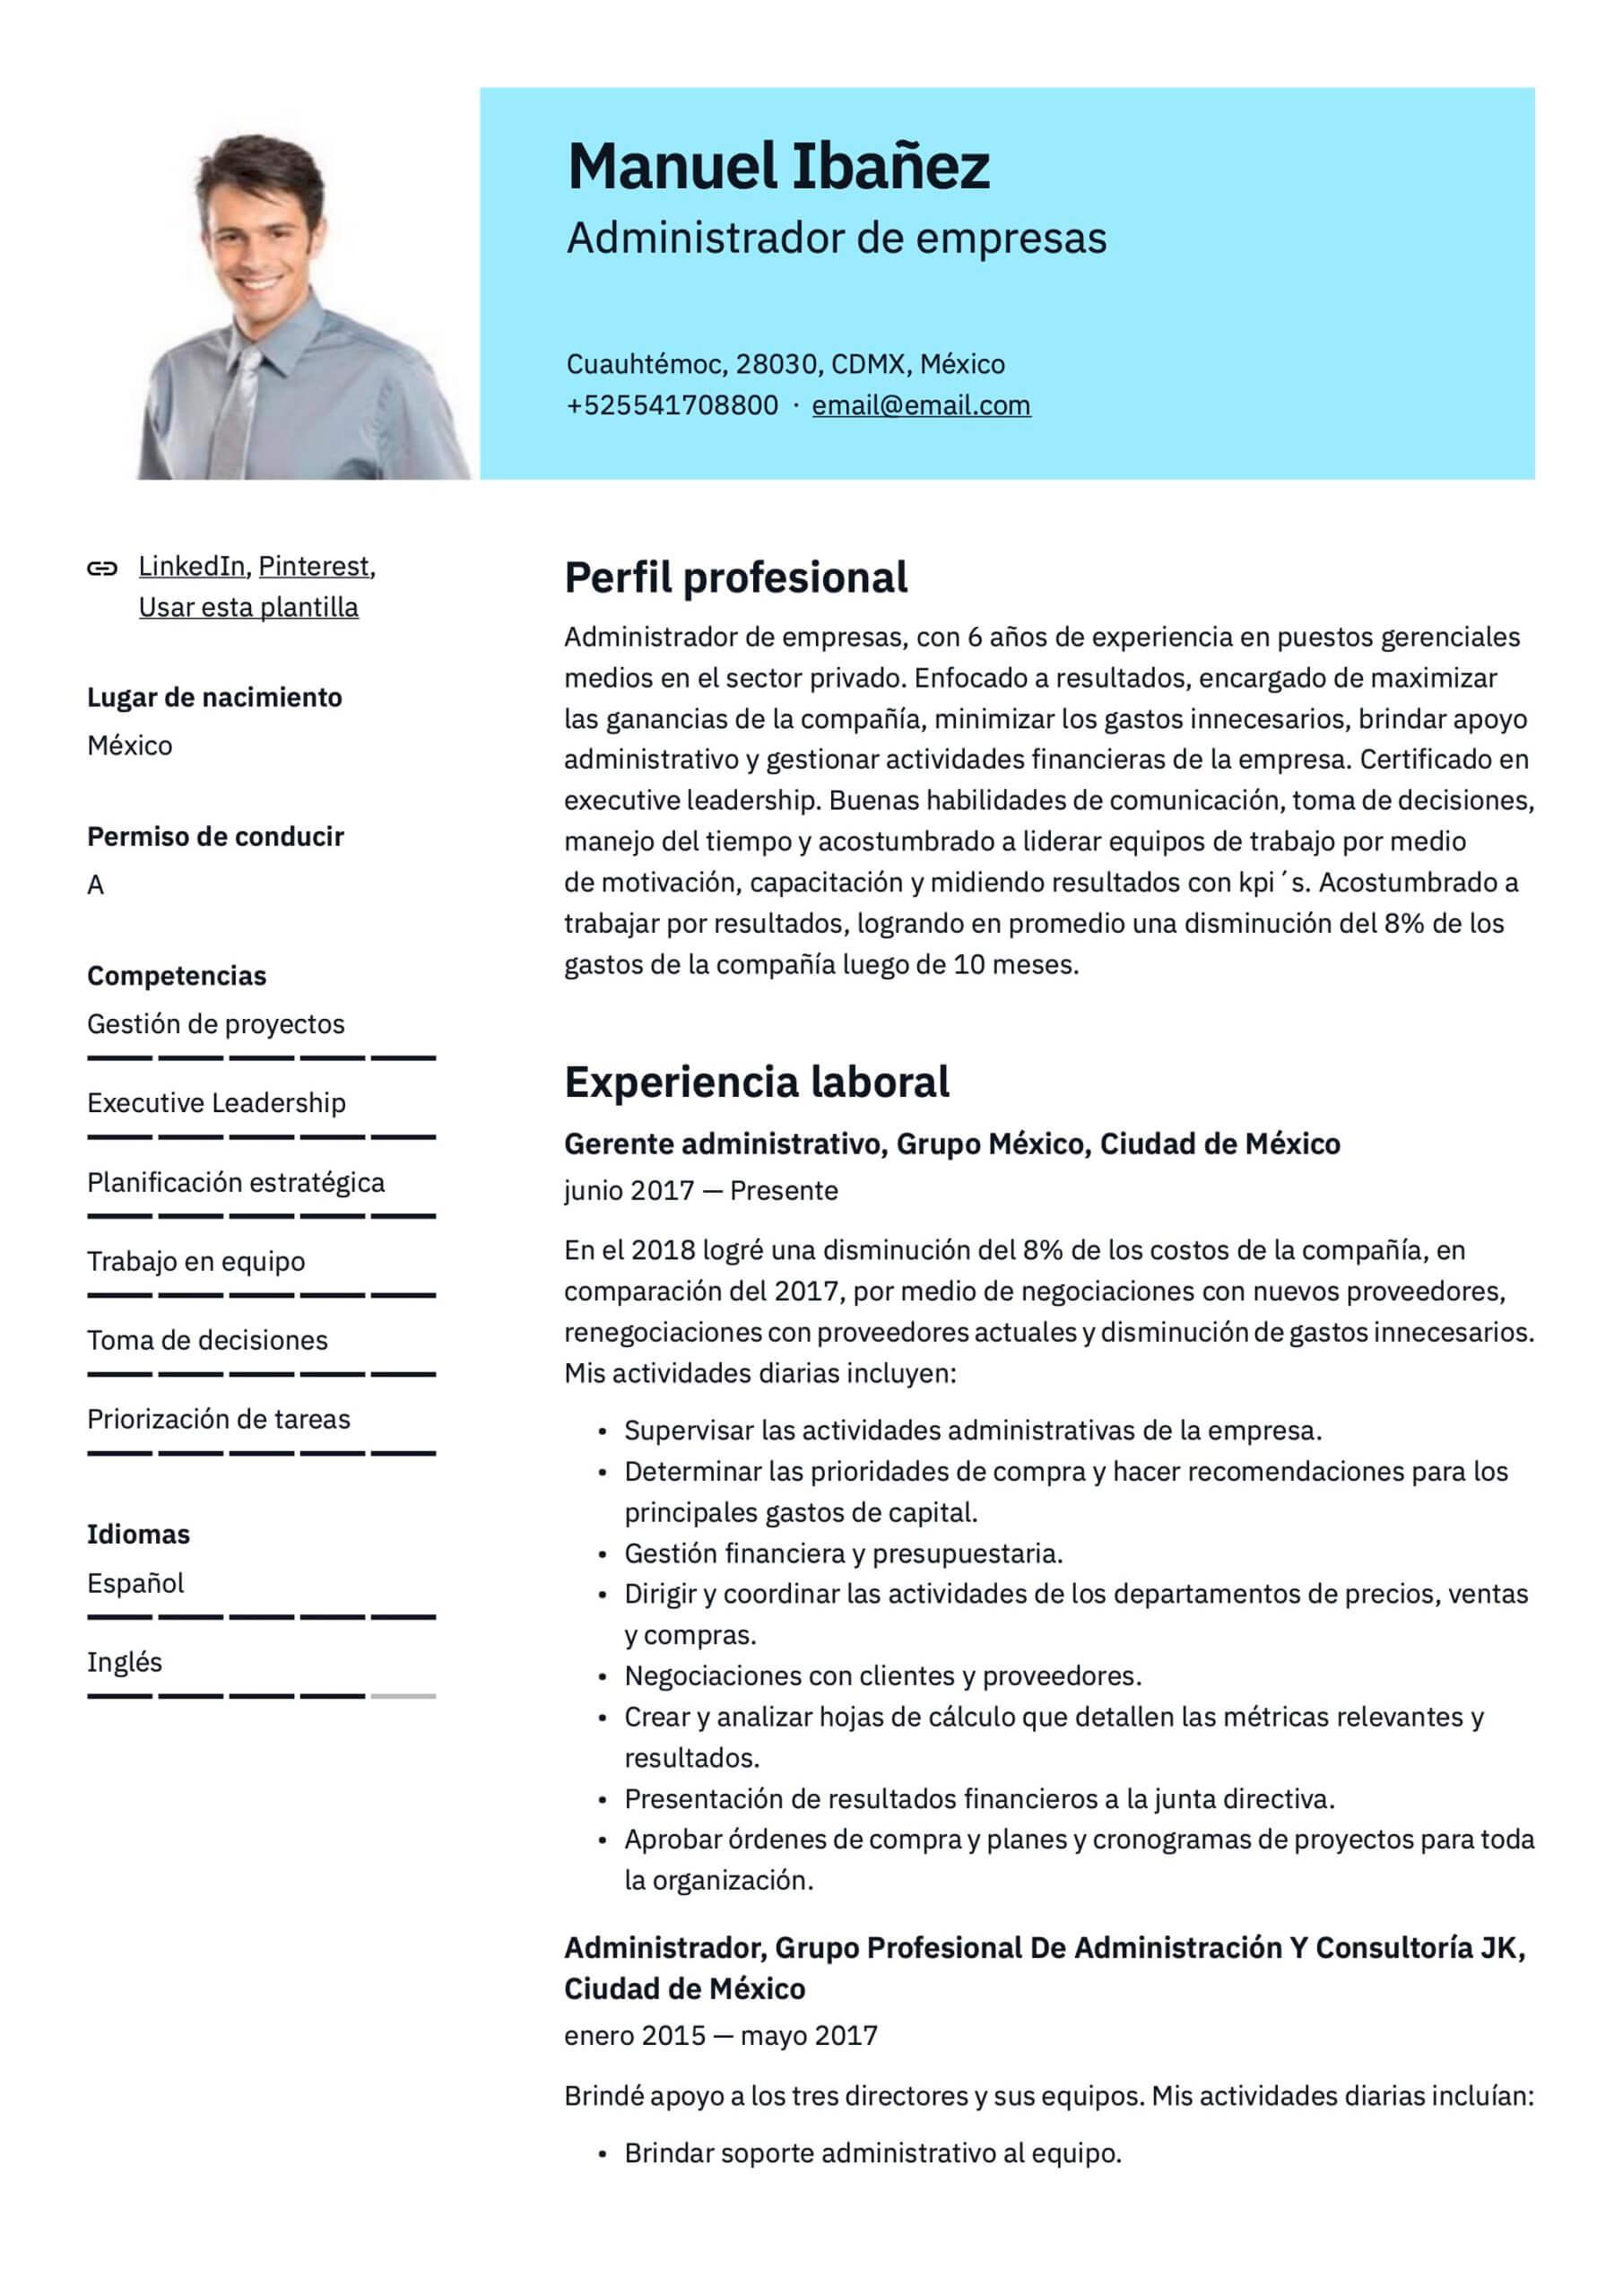 Plantilla de CV para Administrador de empresas